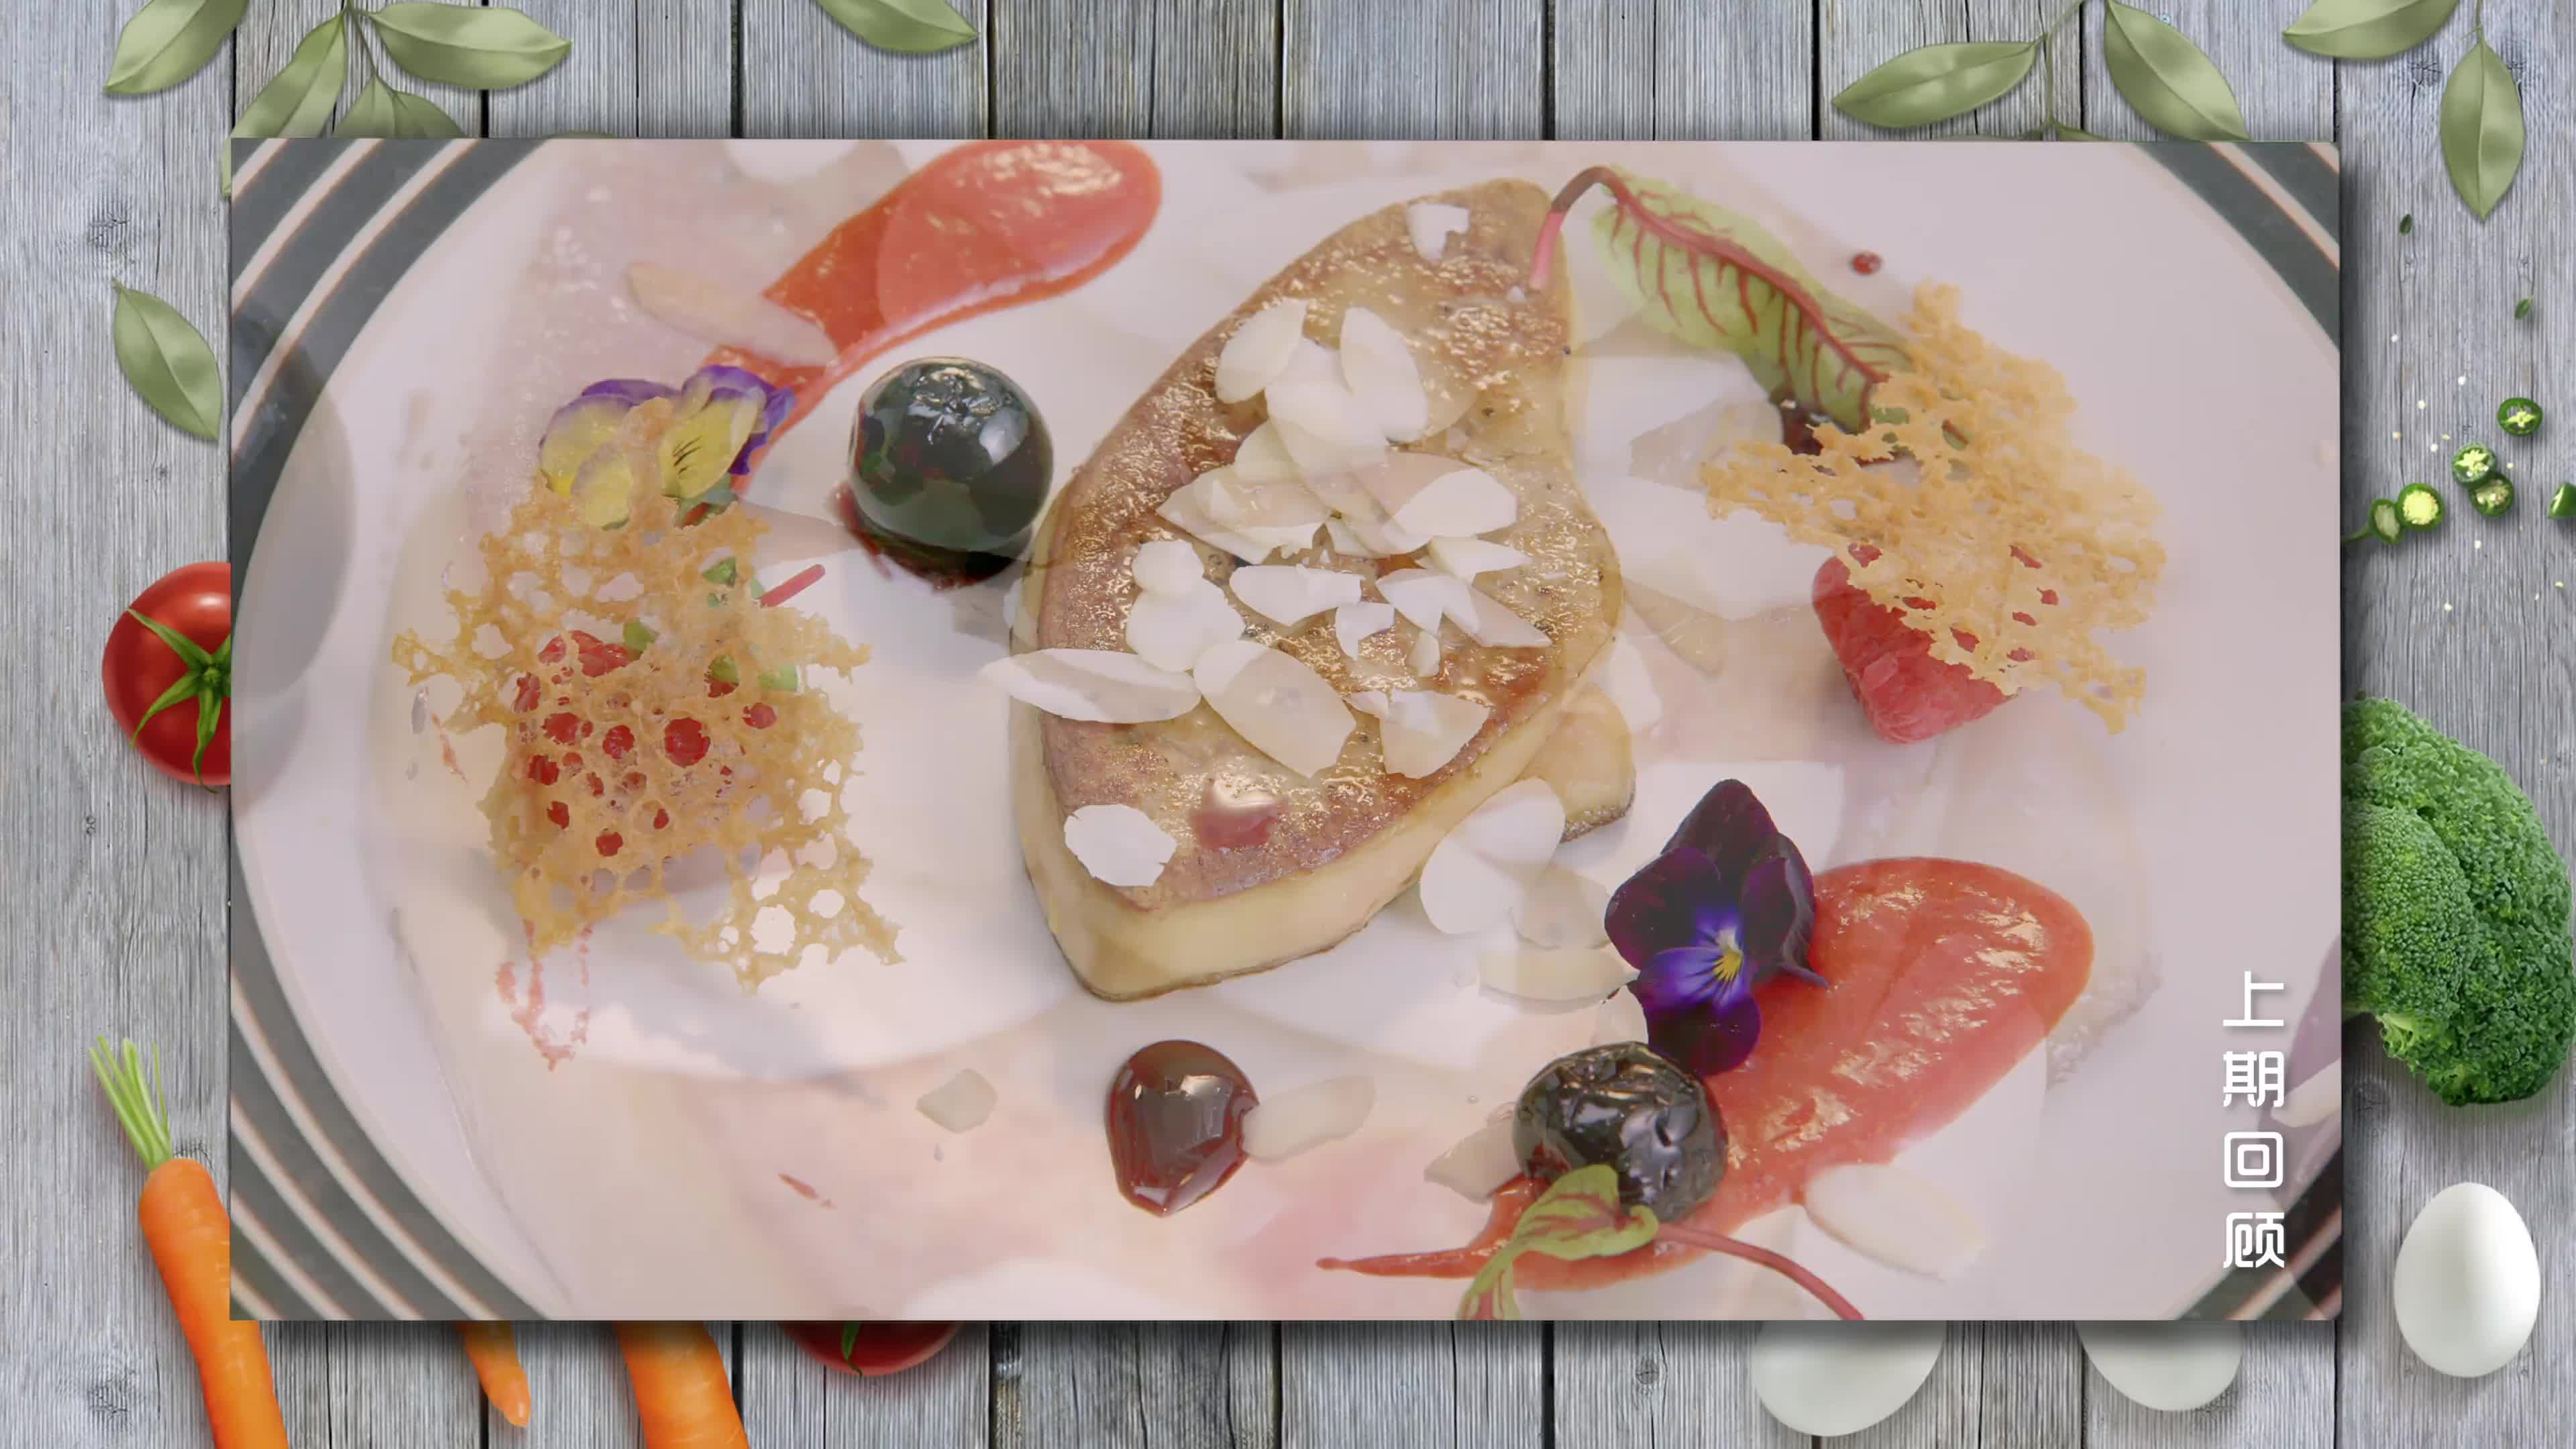 极致美味第1季 芝麻菜香梨核桃沙拉